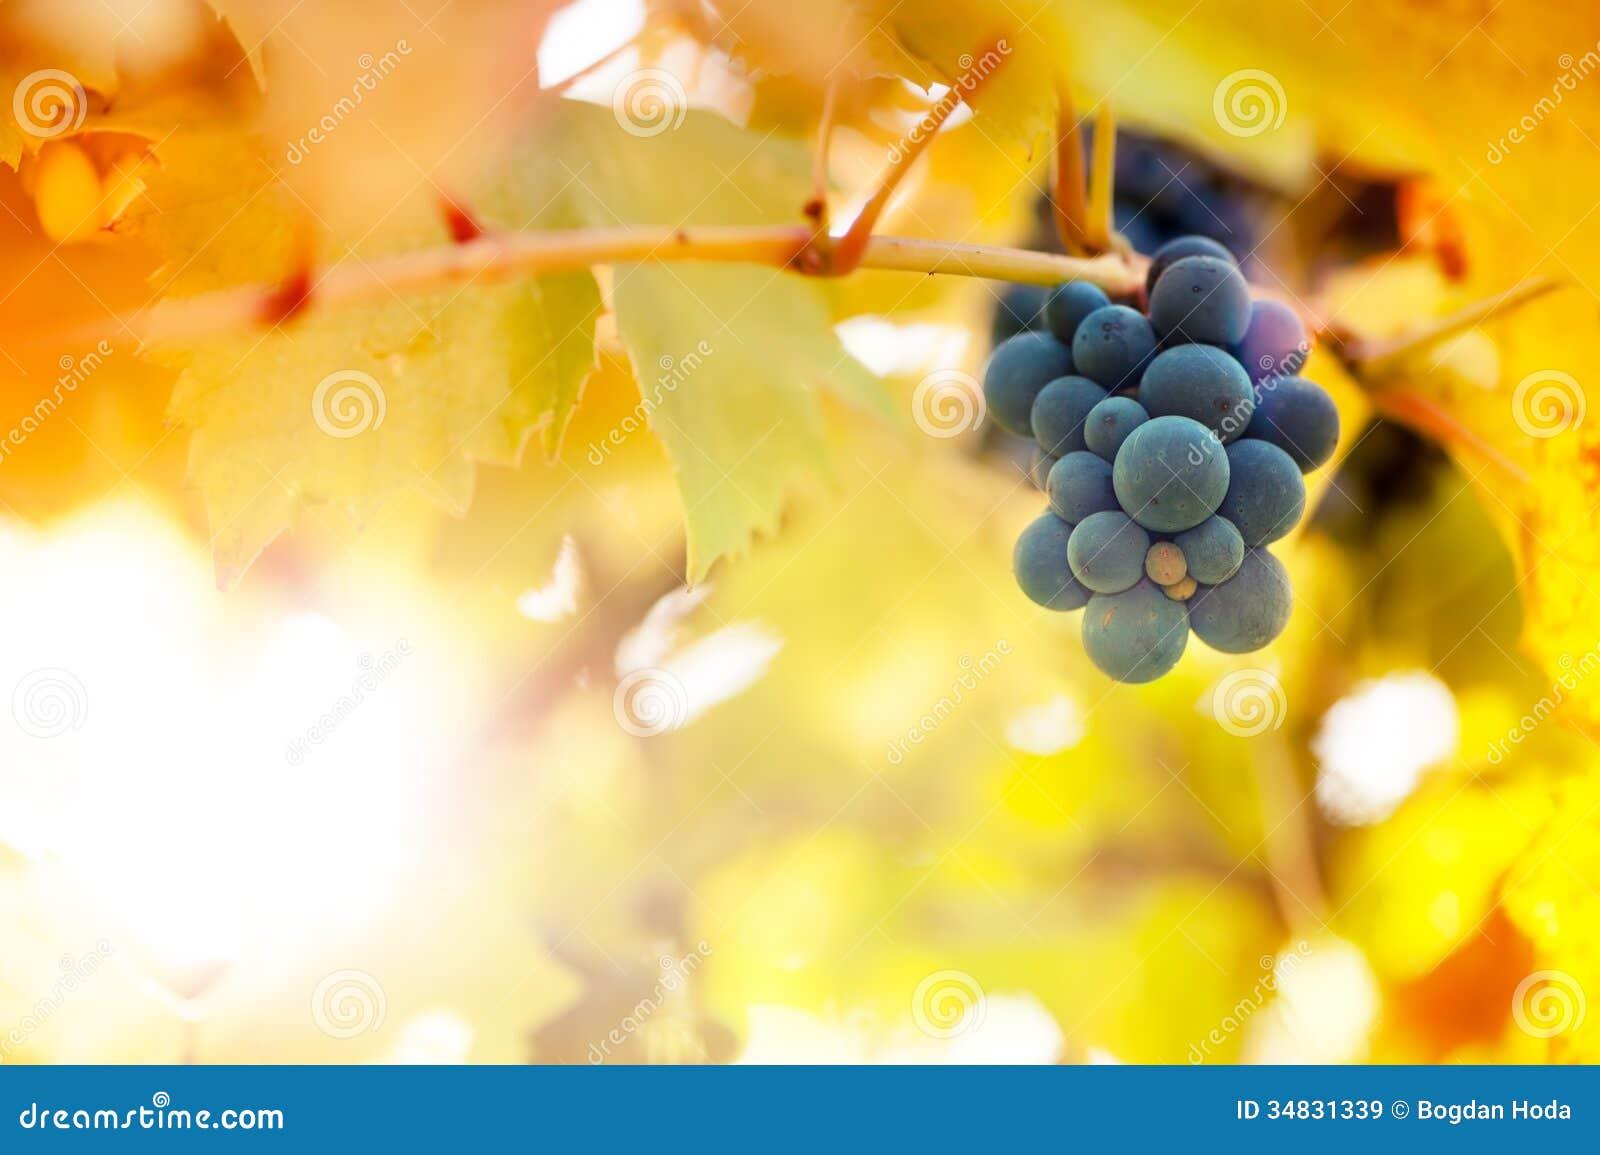 Vineyards at sunset in autumn harvest season